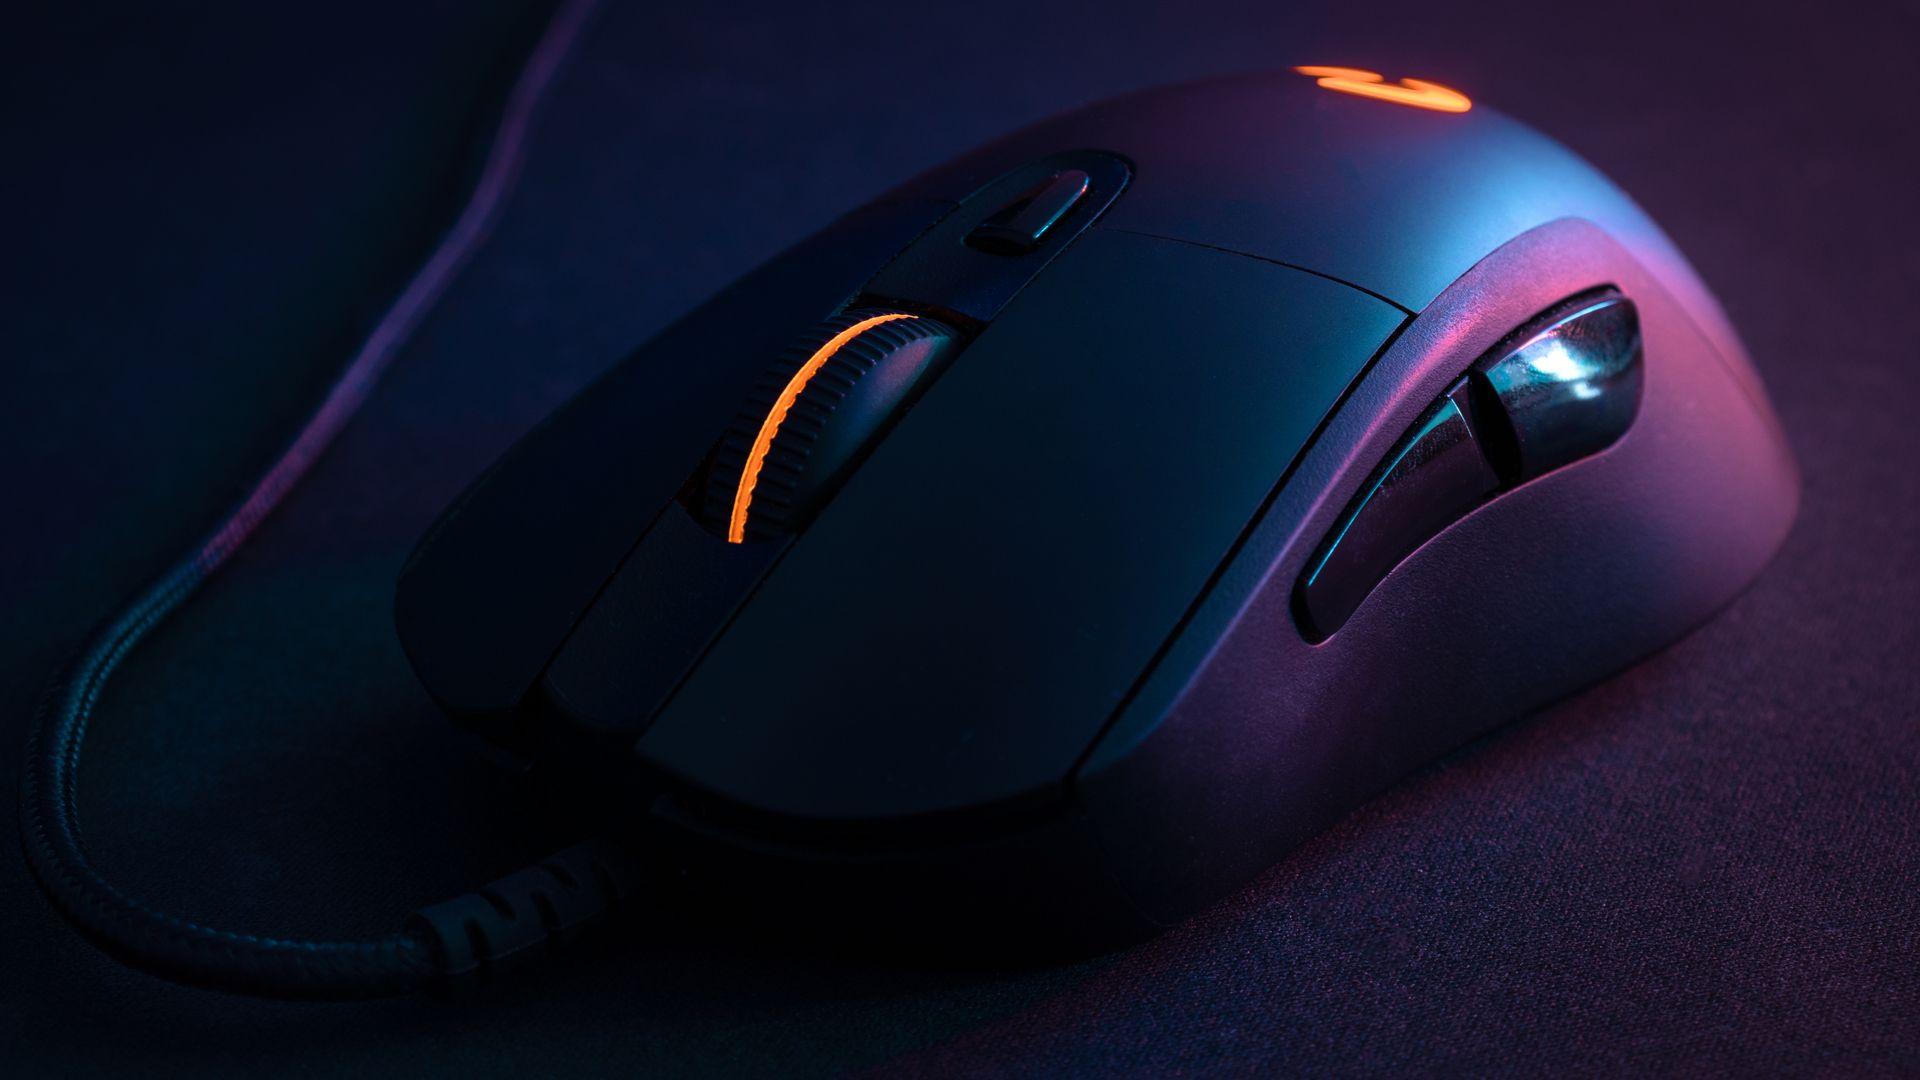 Mouses gamer são indicados para jogadores que precisam de vários botões e precisão maior. (Foto: Reprodução/Shutterstock/Andre_Costa)